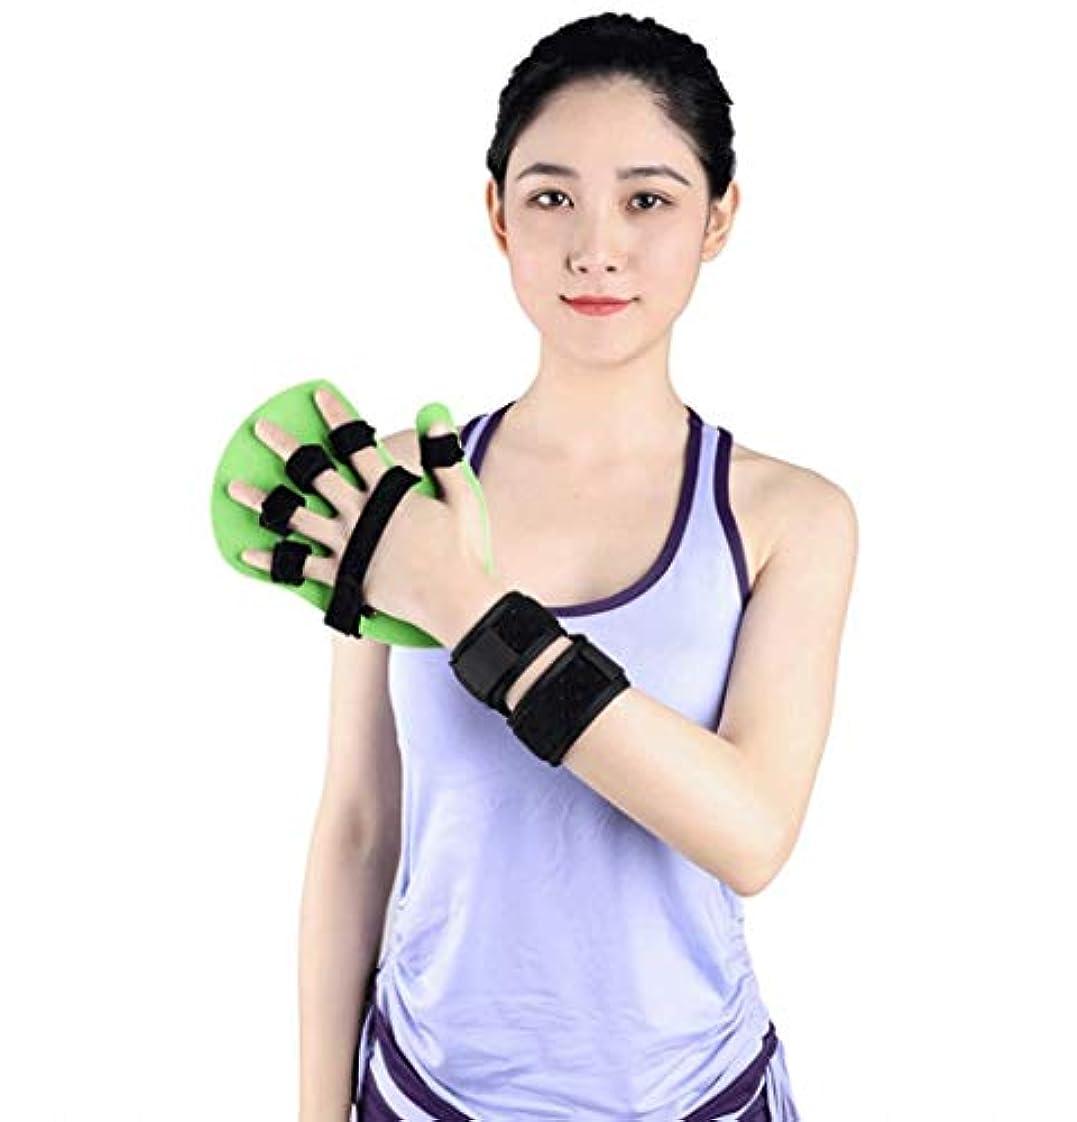 講師過去中に脳卒中/片麻痺/外傷性脳損傷、左右どちらの手のためのスプリント指指セパレーターフィンガートレーニングDeviceFingerインソール指を指 (Color : Left, Size : S)